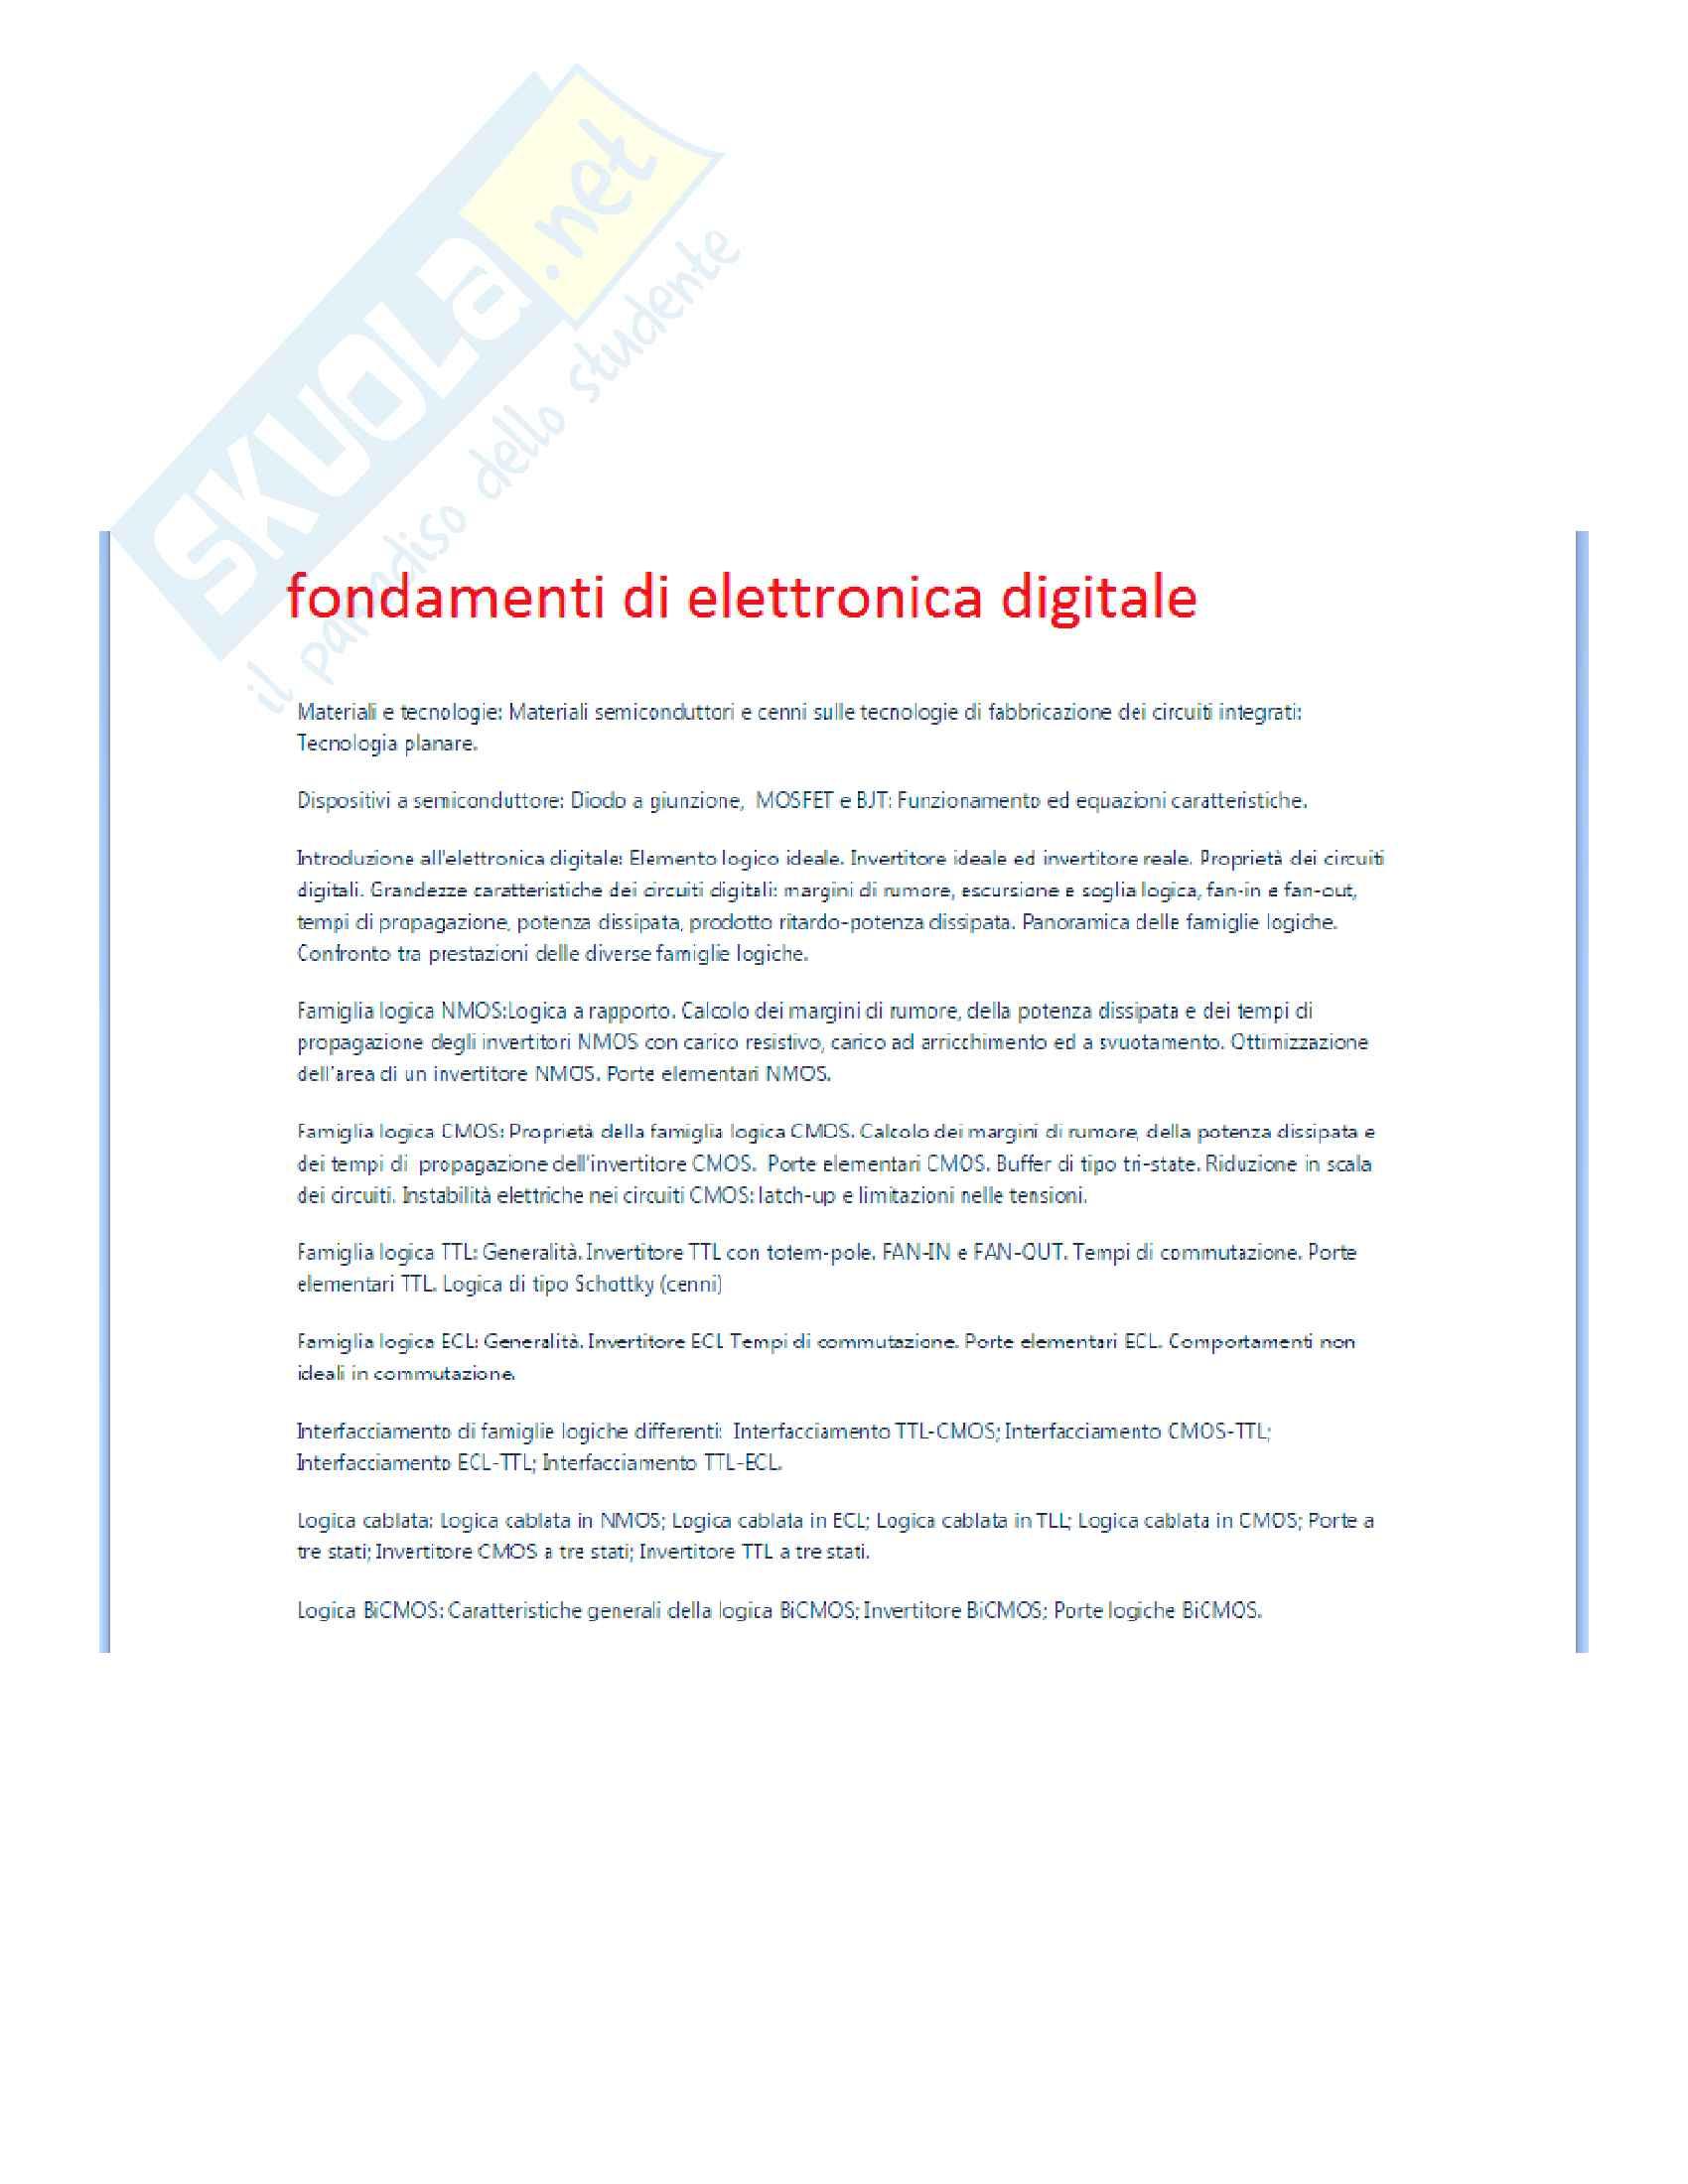 Fondamenti di elettronica digitale teoria + esercizi (Materiale completo per l'esame)